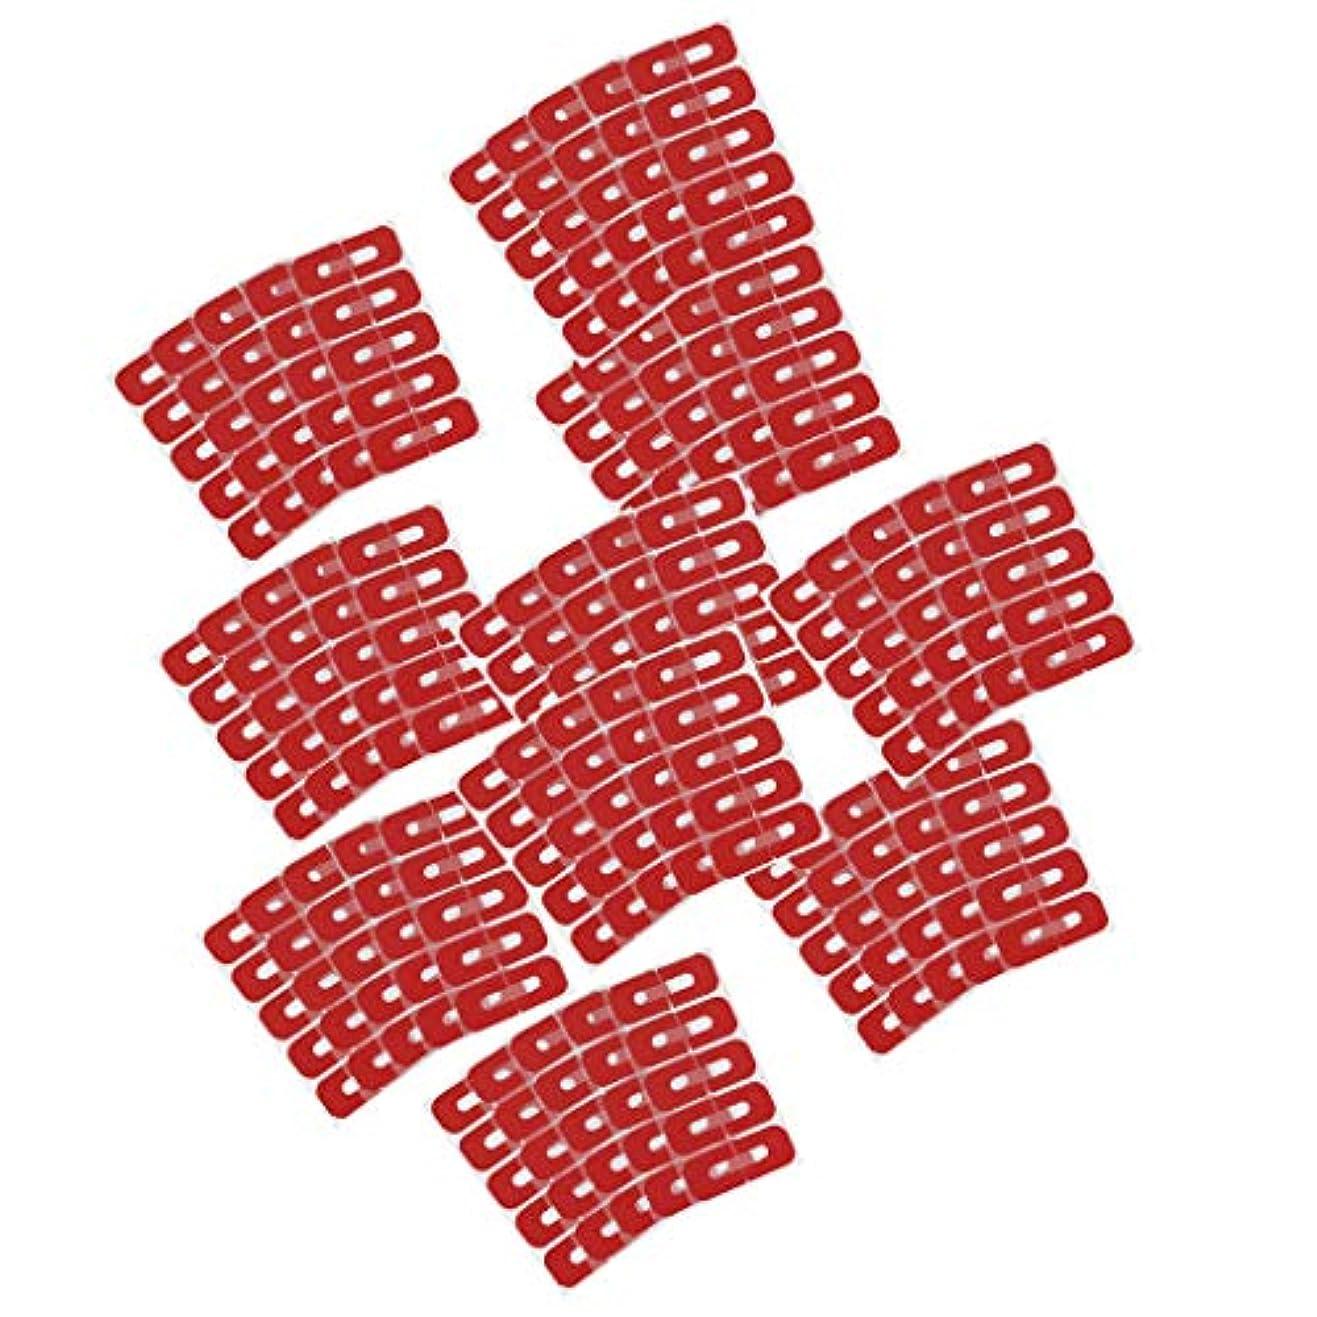 見つける抑圧カフェテリアネイルカバー はみ出し防止 剥離テープ 流出防止 ネイル プロテクター カバー 全50点セット